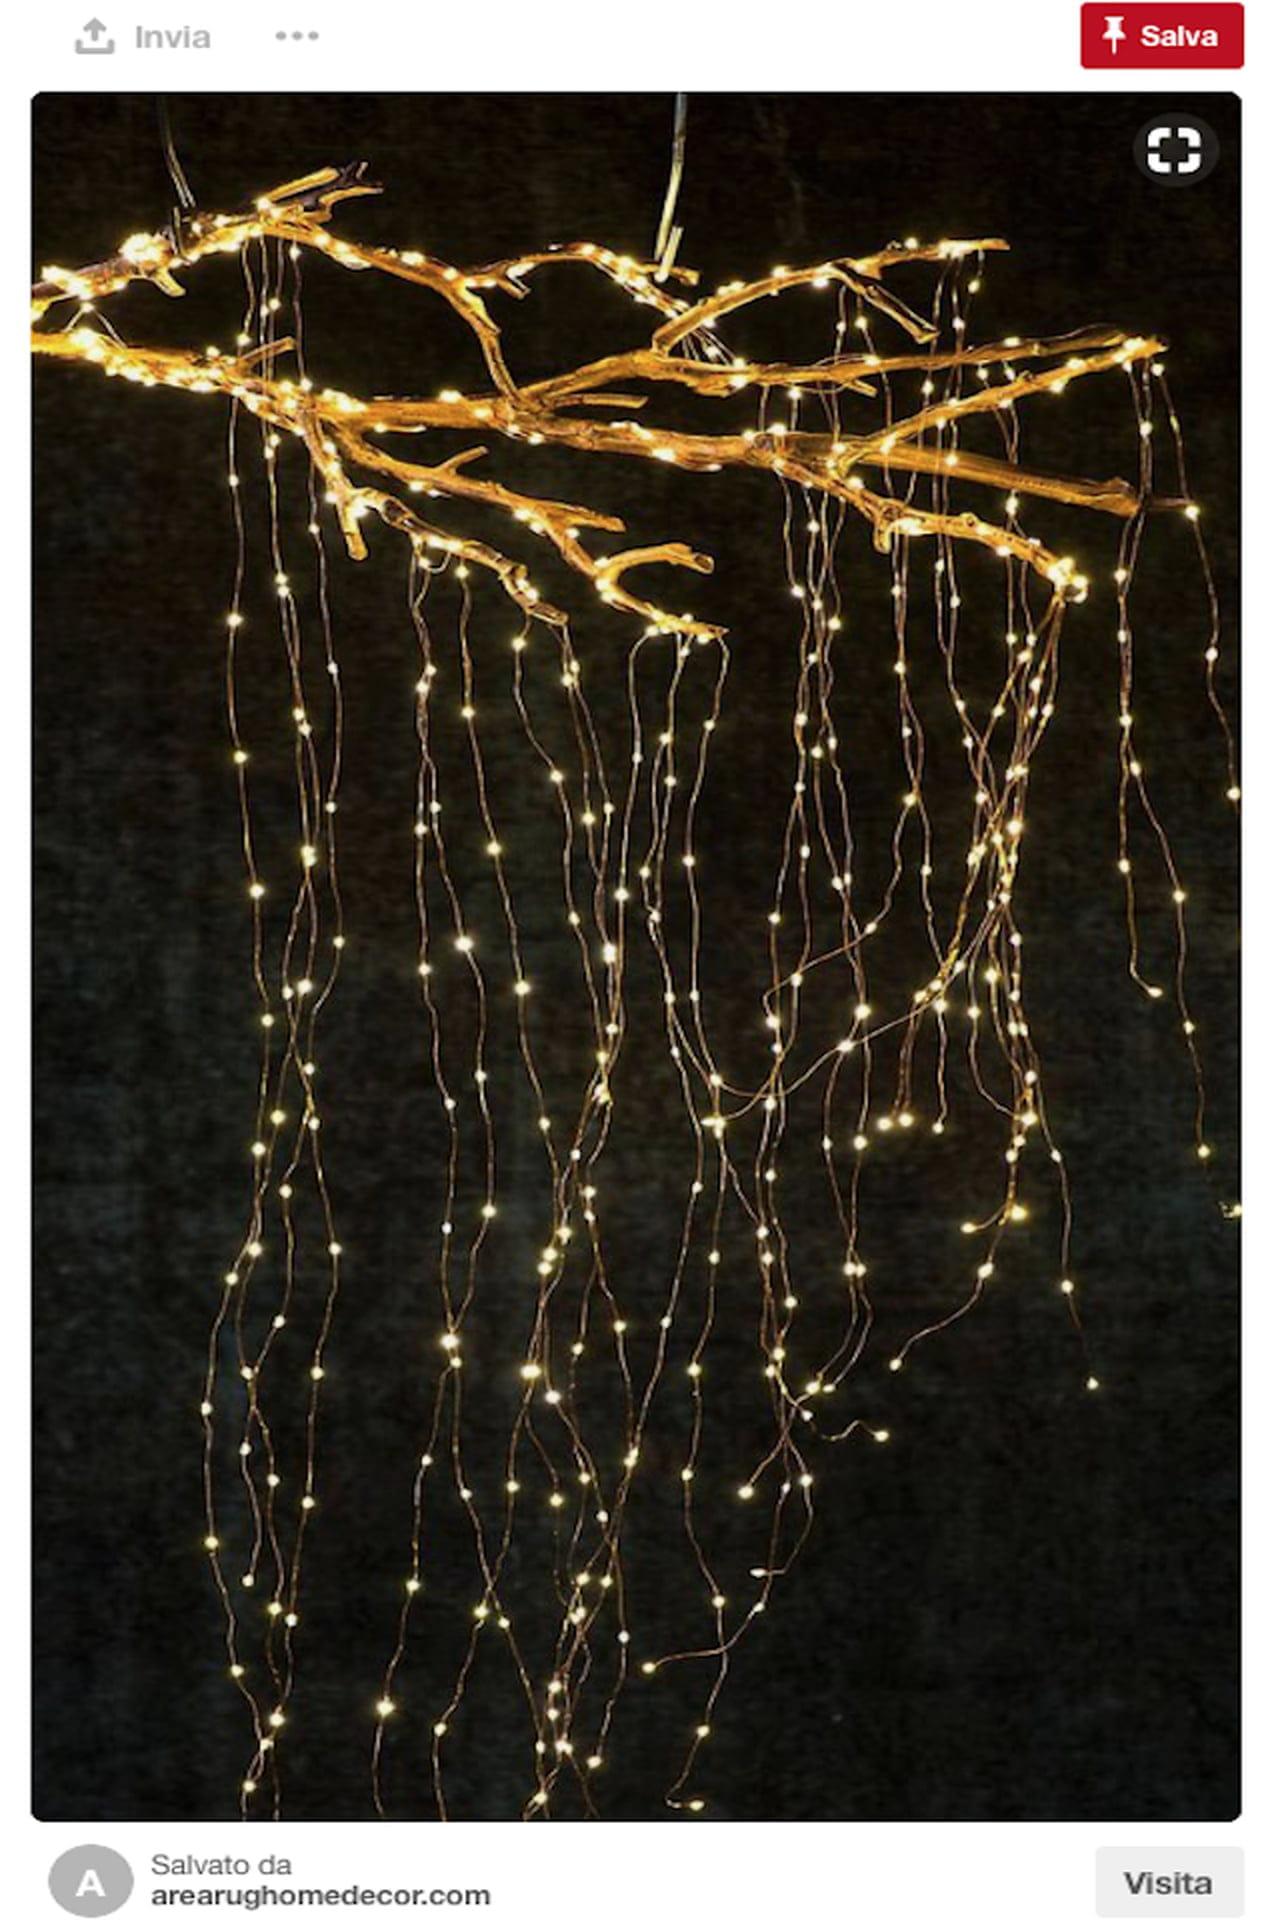 Decorazioni Natalizie In Feltro Pinterest.Le Piu Belle Idee Di Pinterest Sul Natale